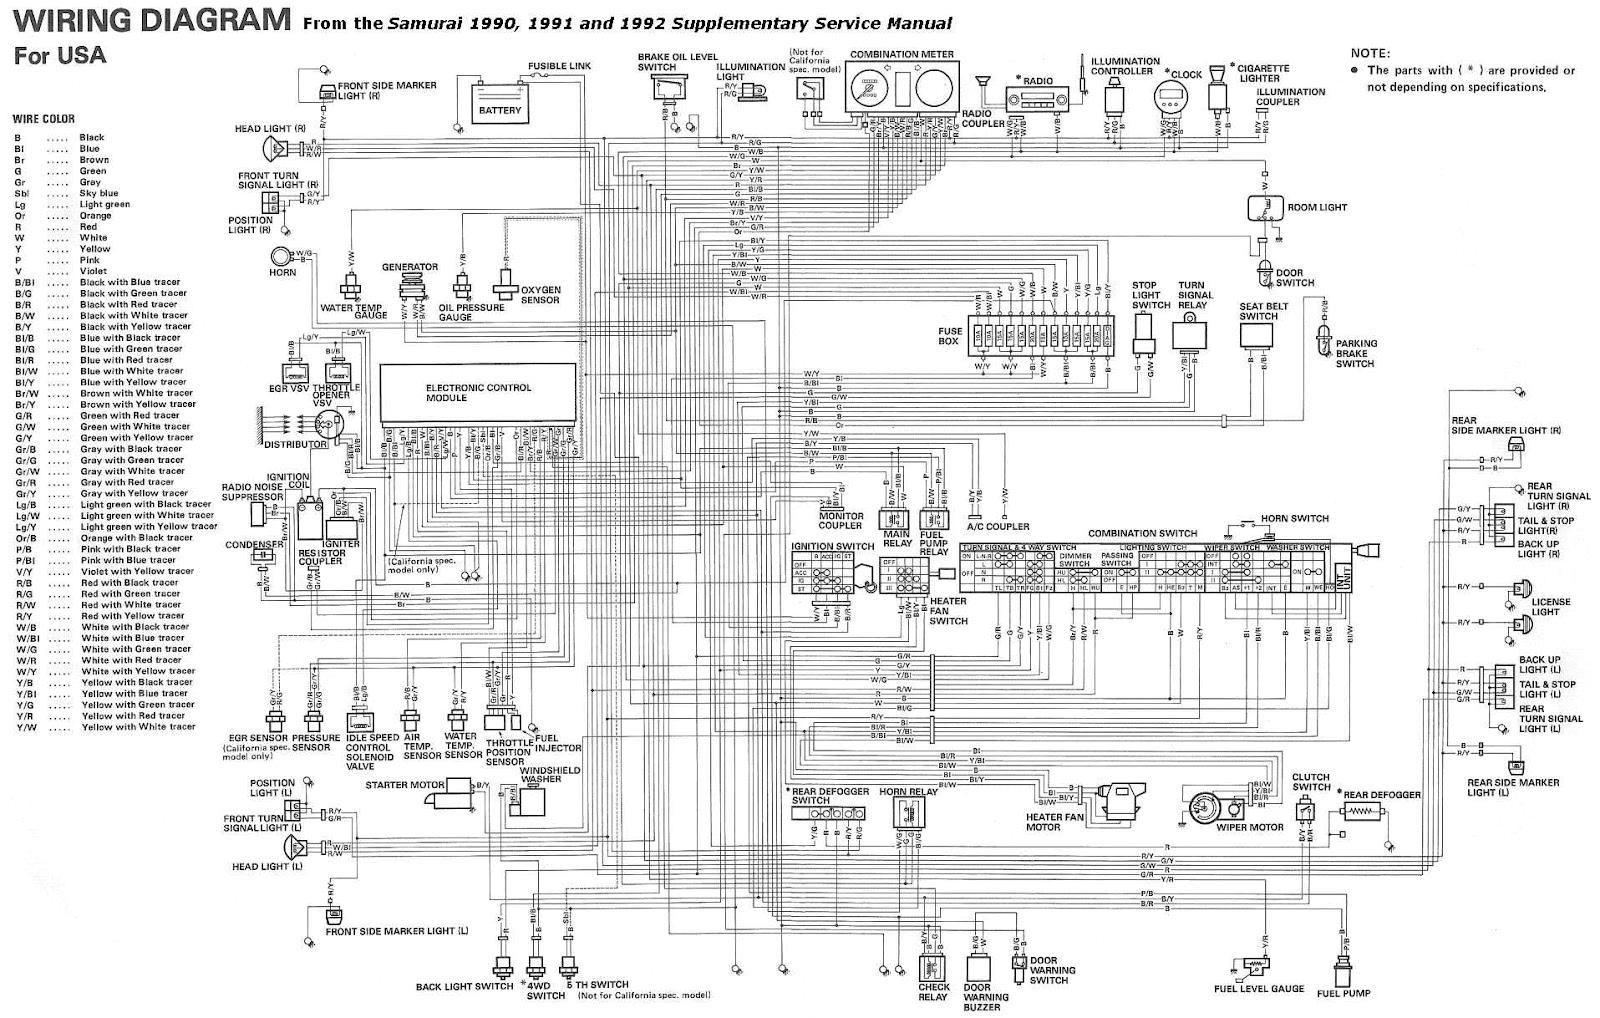 suzuki x 90 wiring diagram blog wiring diagram 1993 suzuki sidekick 1600 and sport 1800 x90